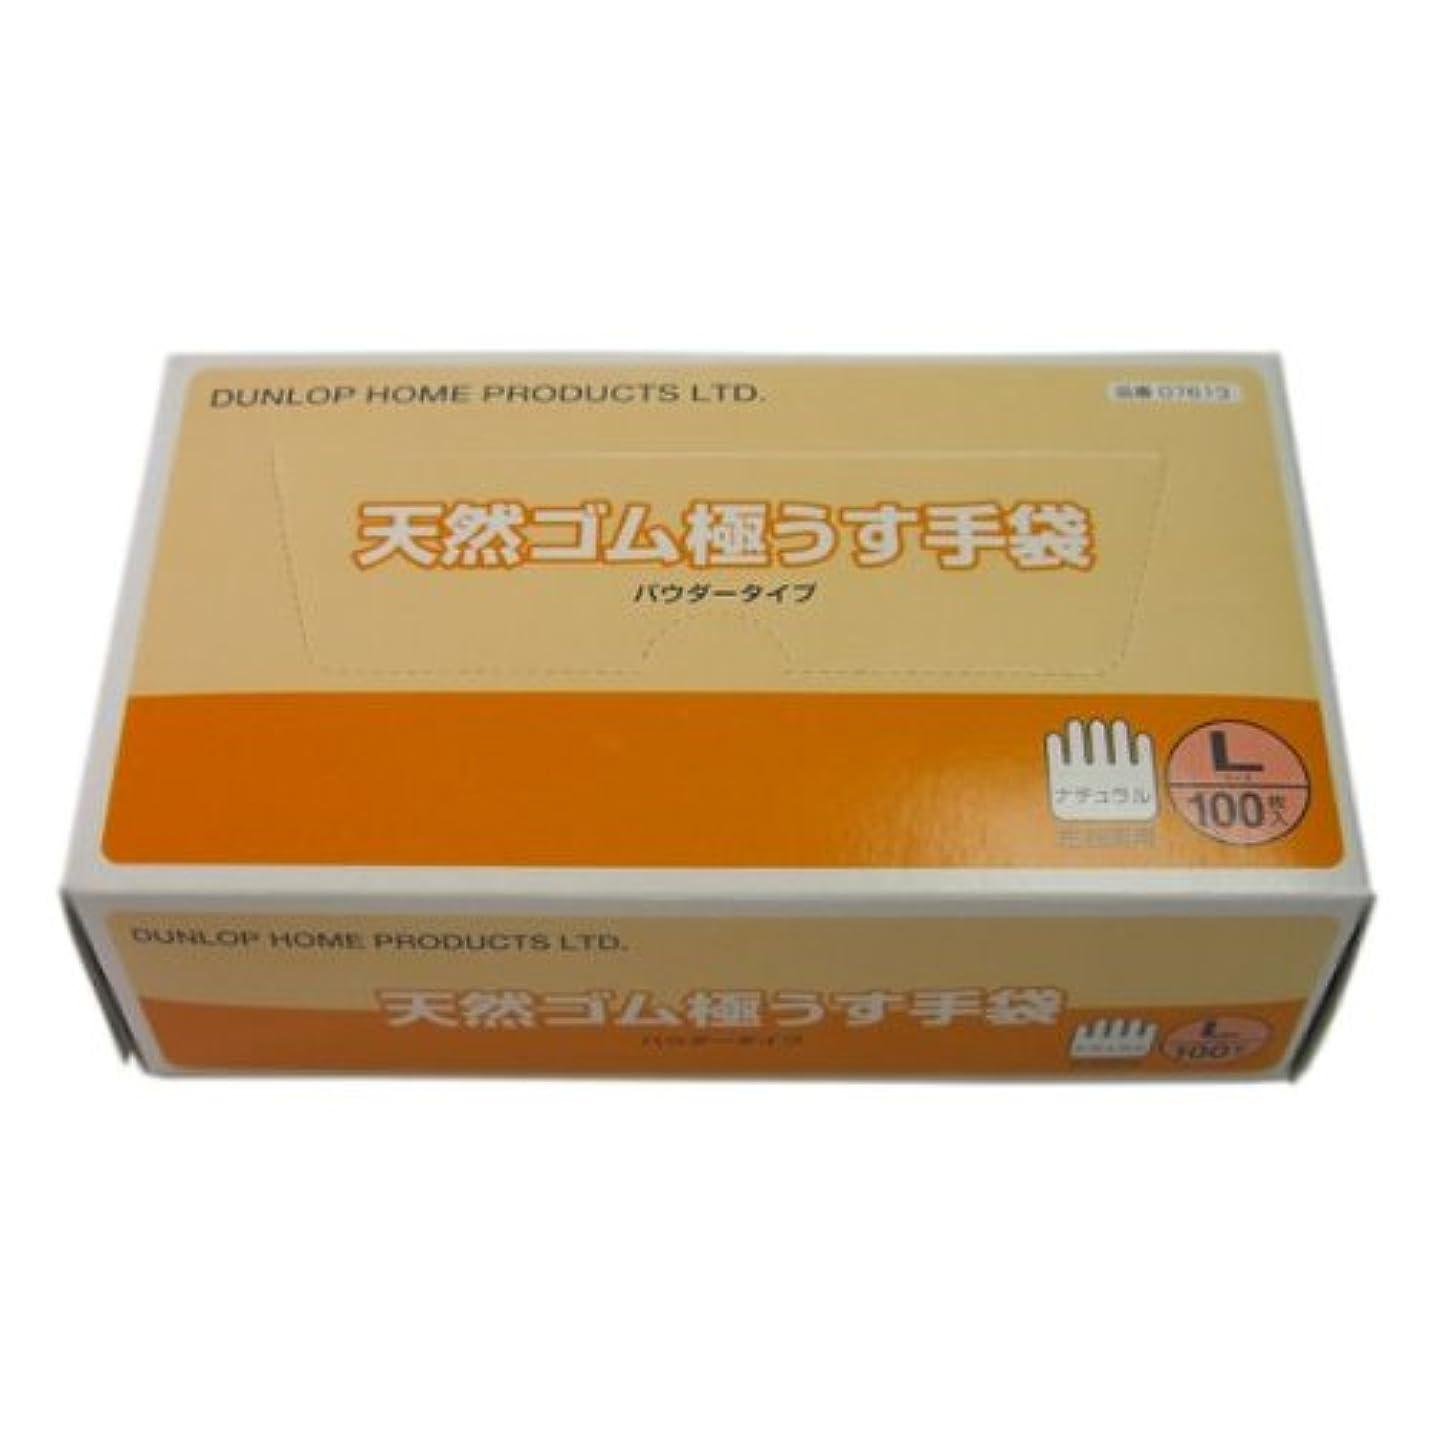 ギャラリーメイド扇動ダンロップ 天然ゴムラテックス極うす手袋 Lサイズ 100枚入×20箱